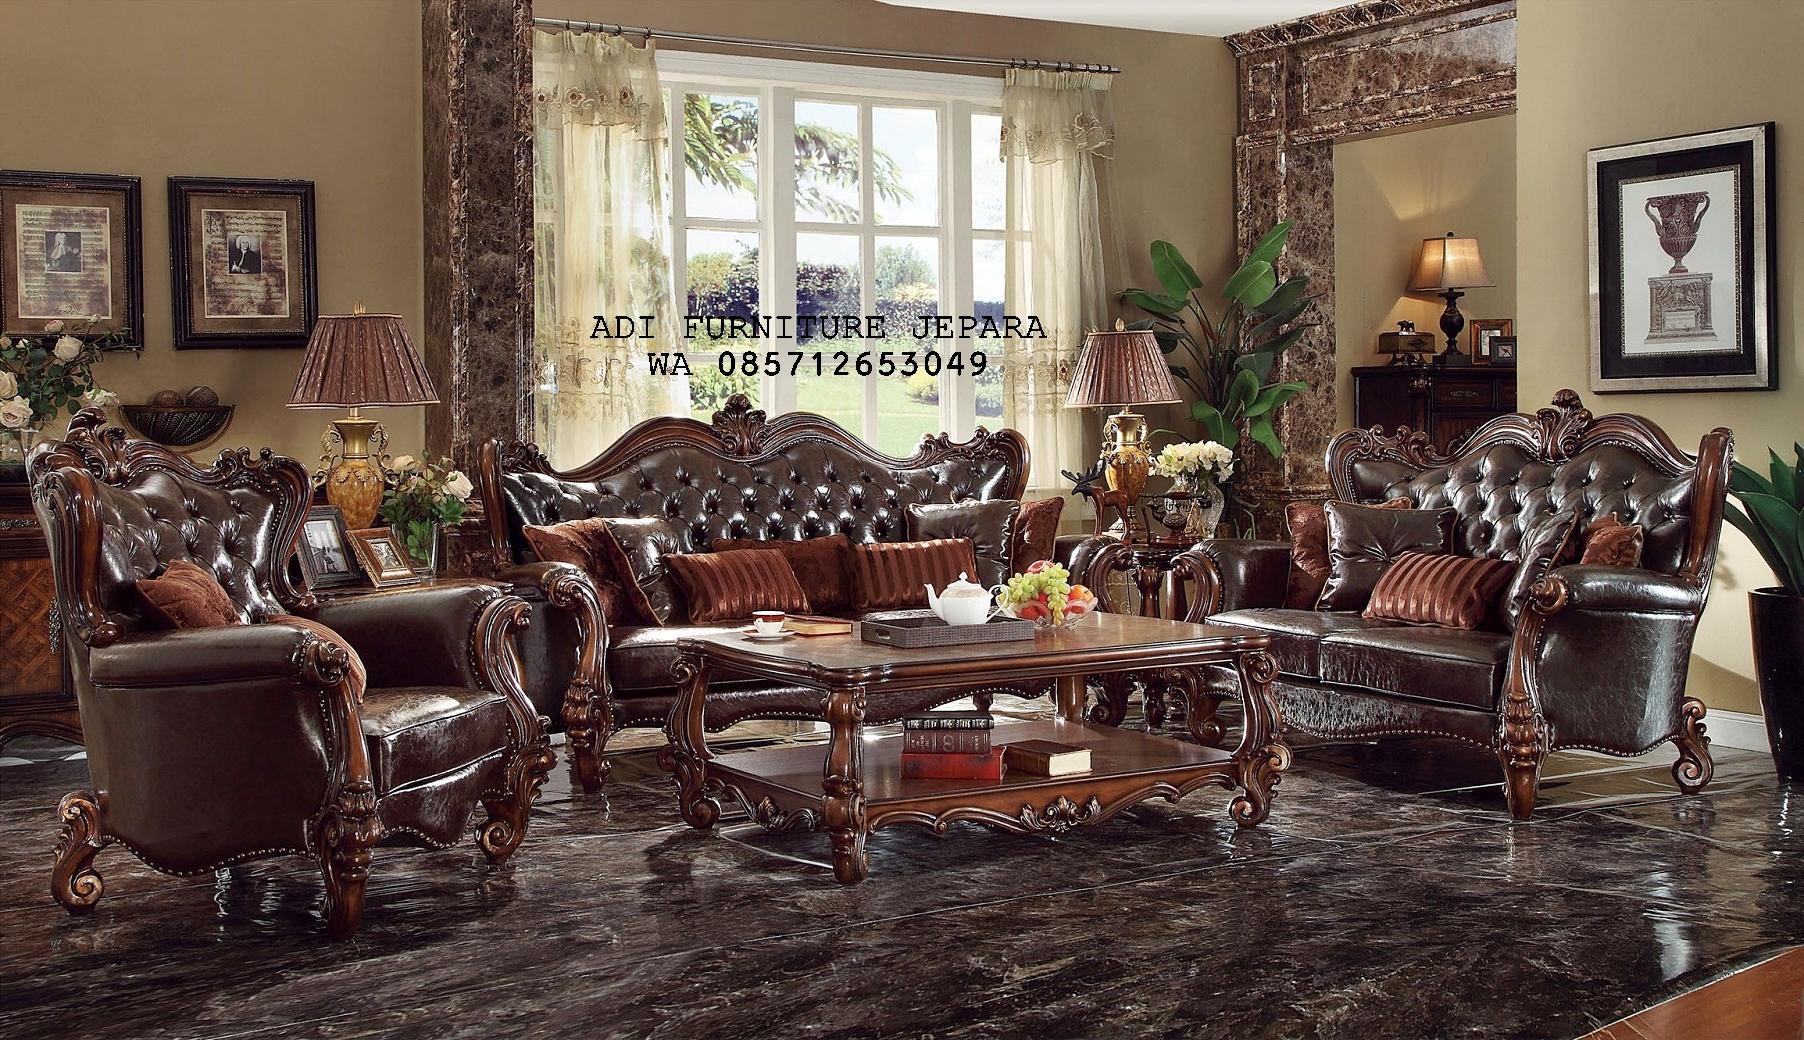 set kursi tamu model klasik, sofa klasik moderen, kursi amu model eropa, sofa tamu mewah klasik, set ruang tamu klasik moderen, set kursi tamu model desain klasik modern, sofa minimalis, sofa chestervield, sofa tamu retro minimalis, set kursi sofa ukir jepara, kursi tamu jati klasik